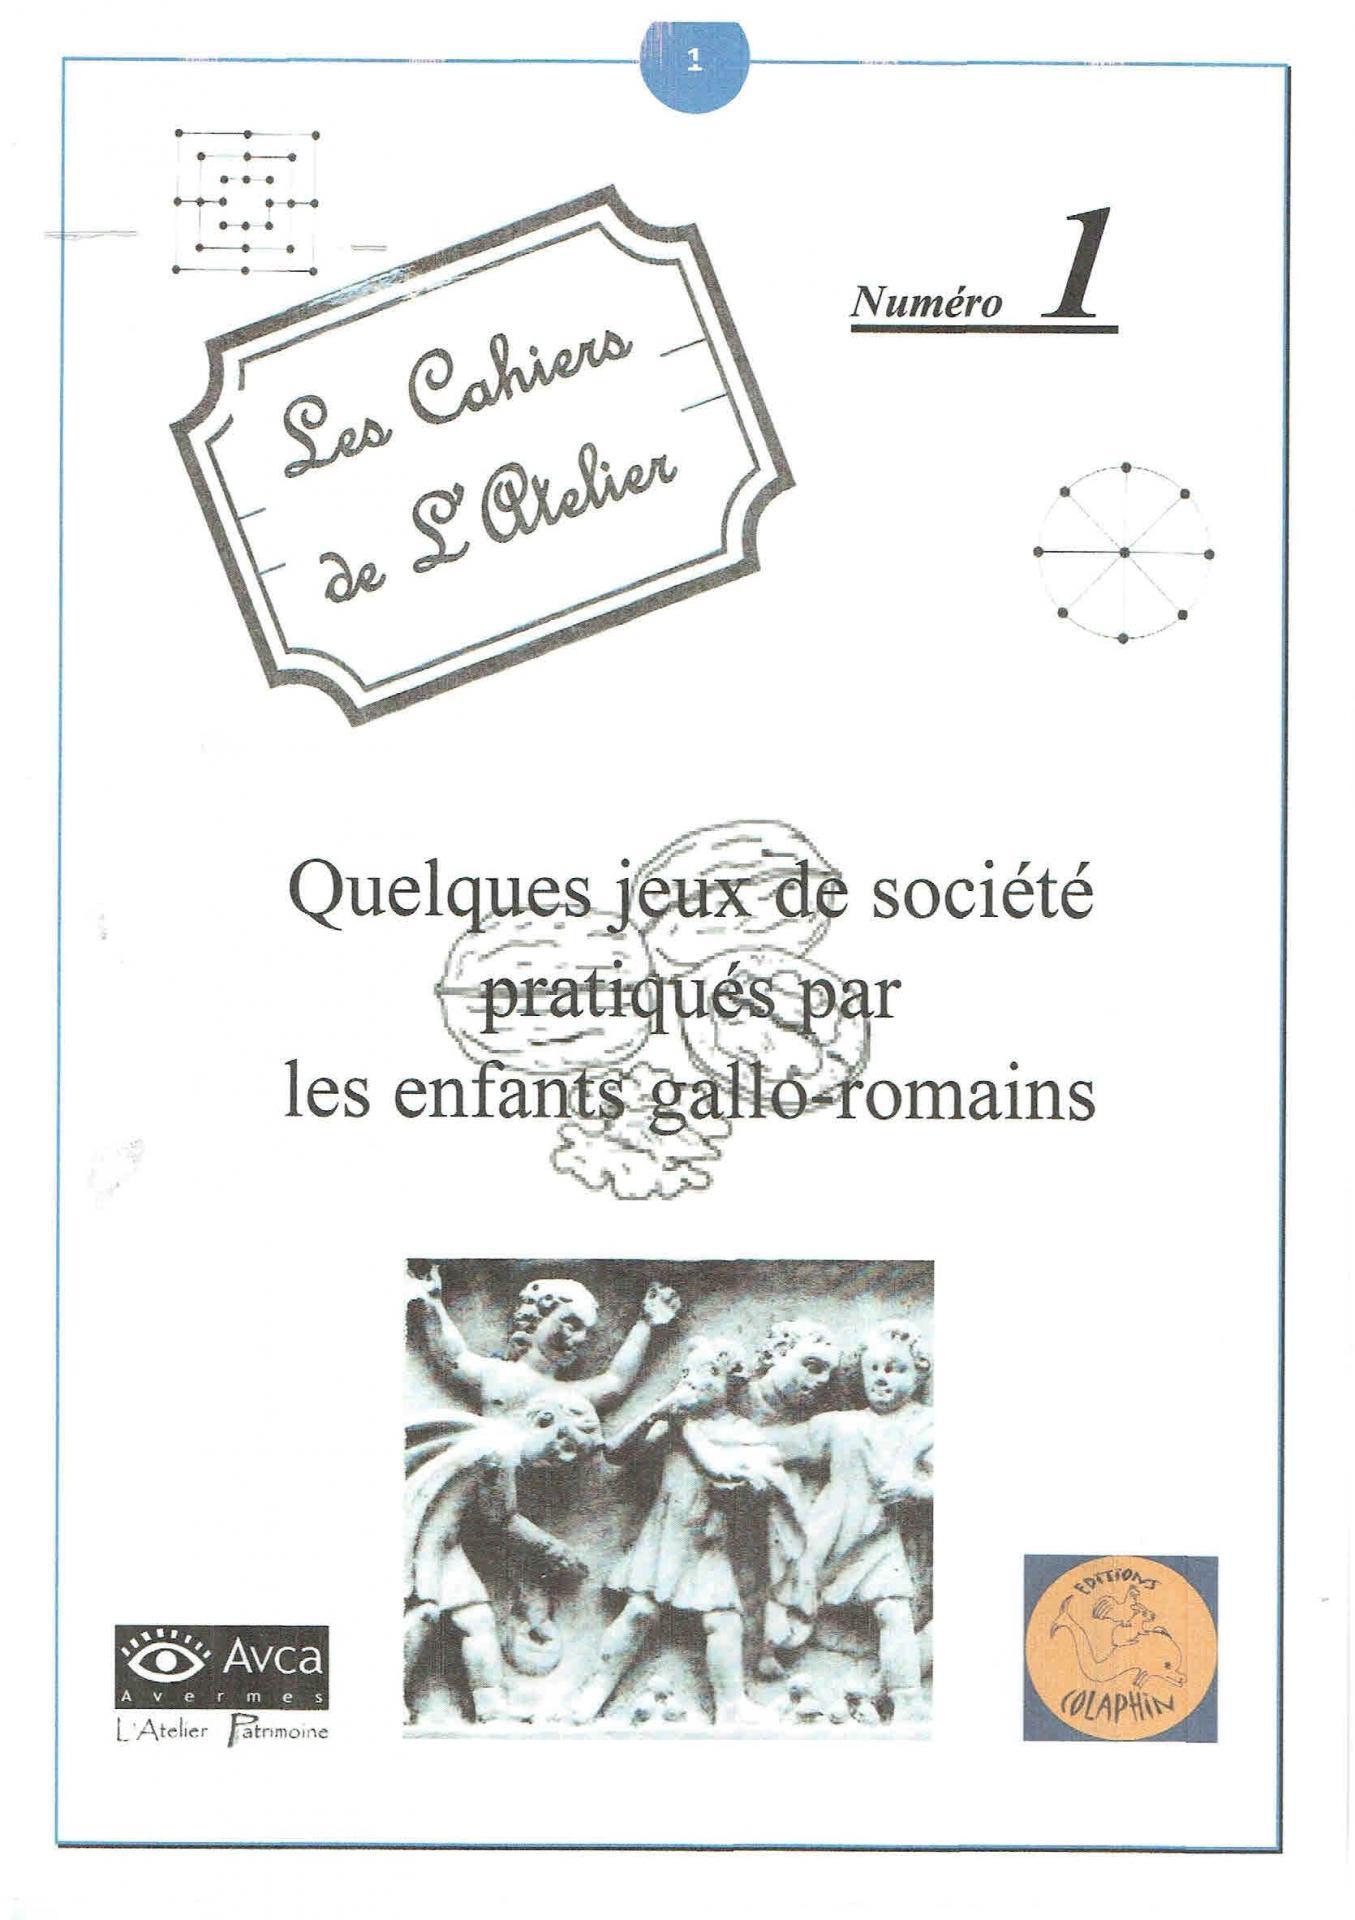 Cahiers 1 couv i jpeg